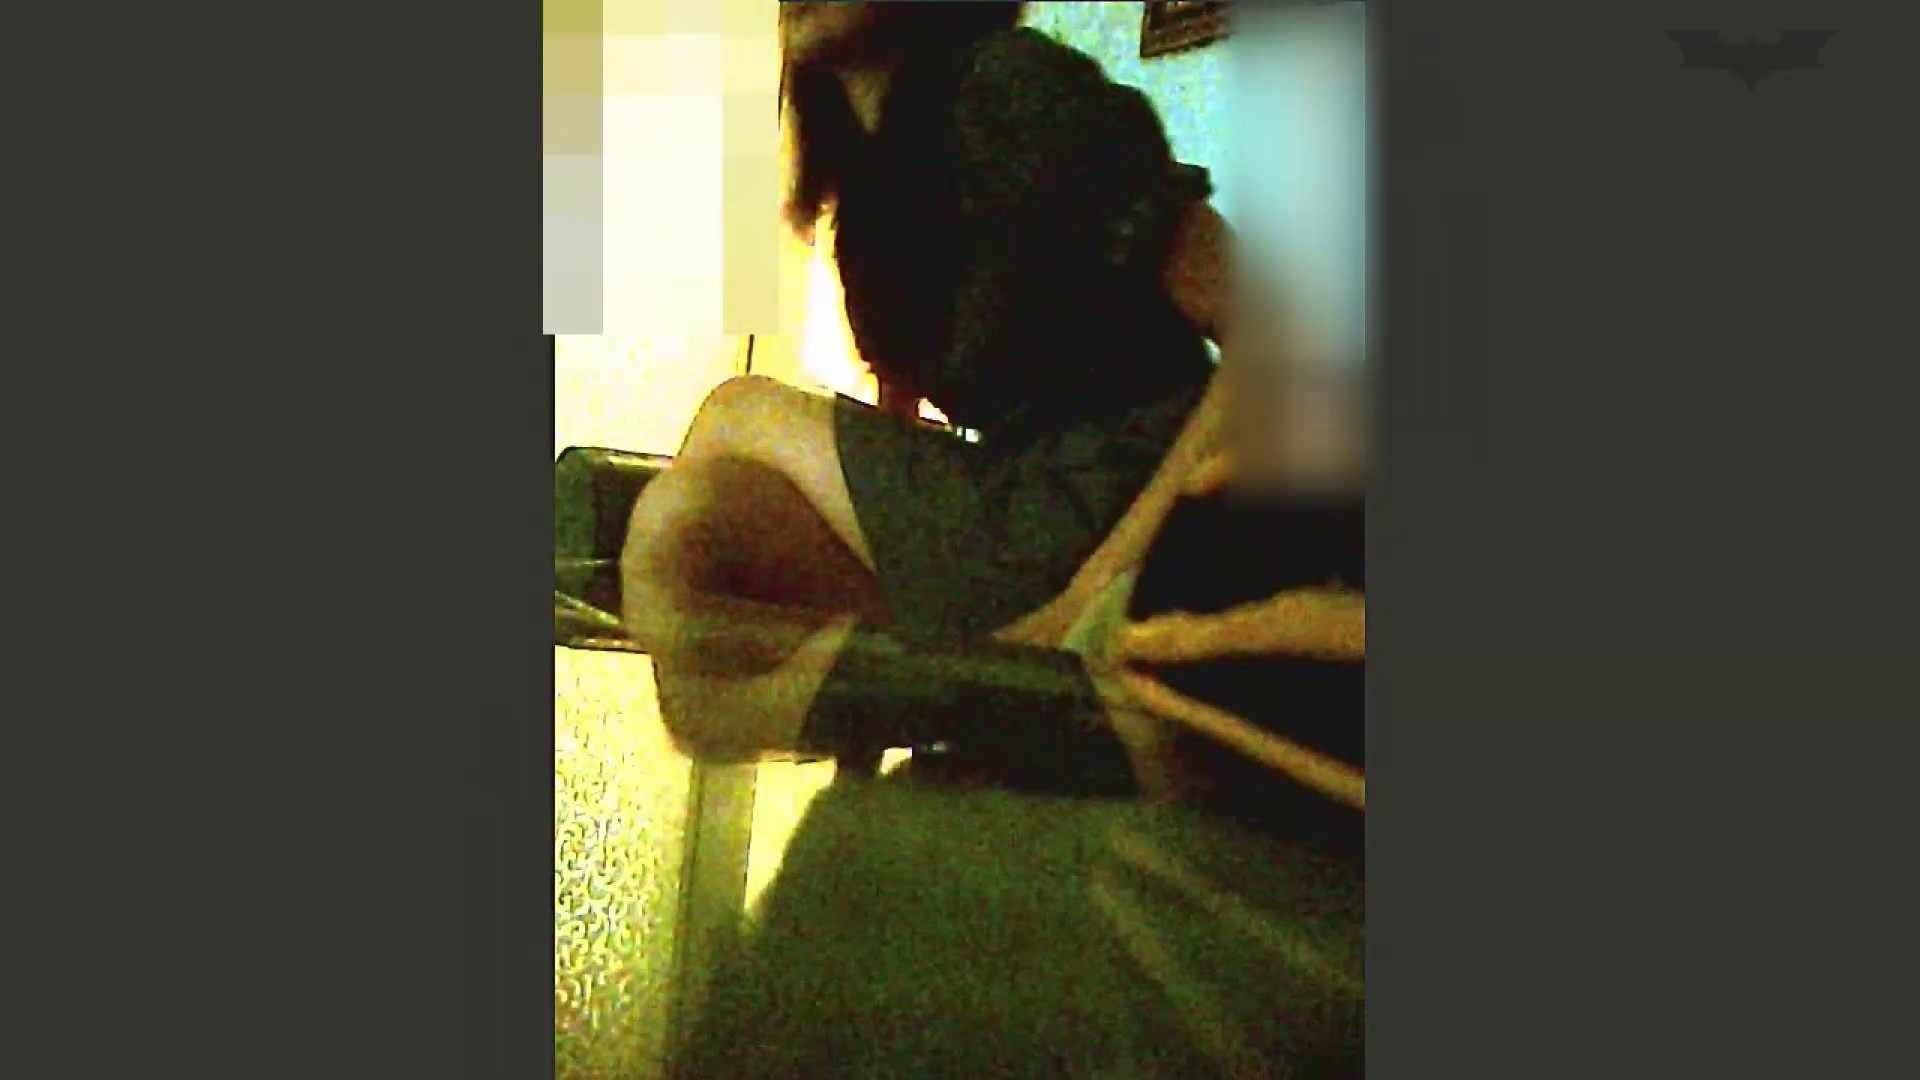 ▲2017_13位▲ 学園アイドル美人女子大生❷(下巻)5人詰合せVol.50 アイドル 戯れ無修正画像 111枚 7